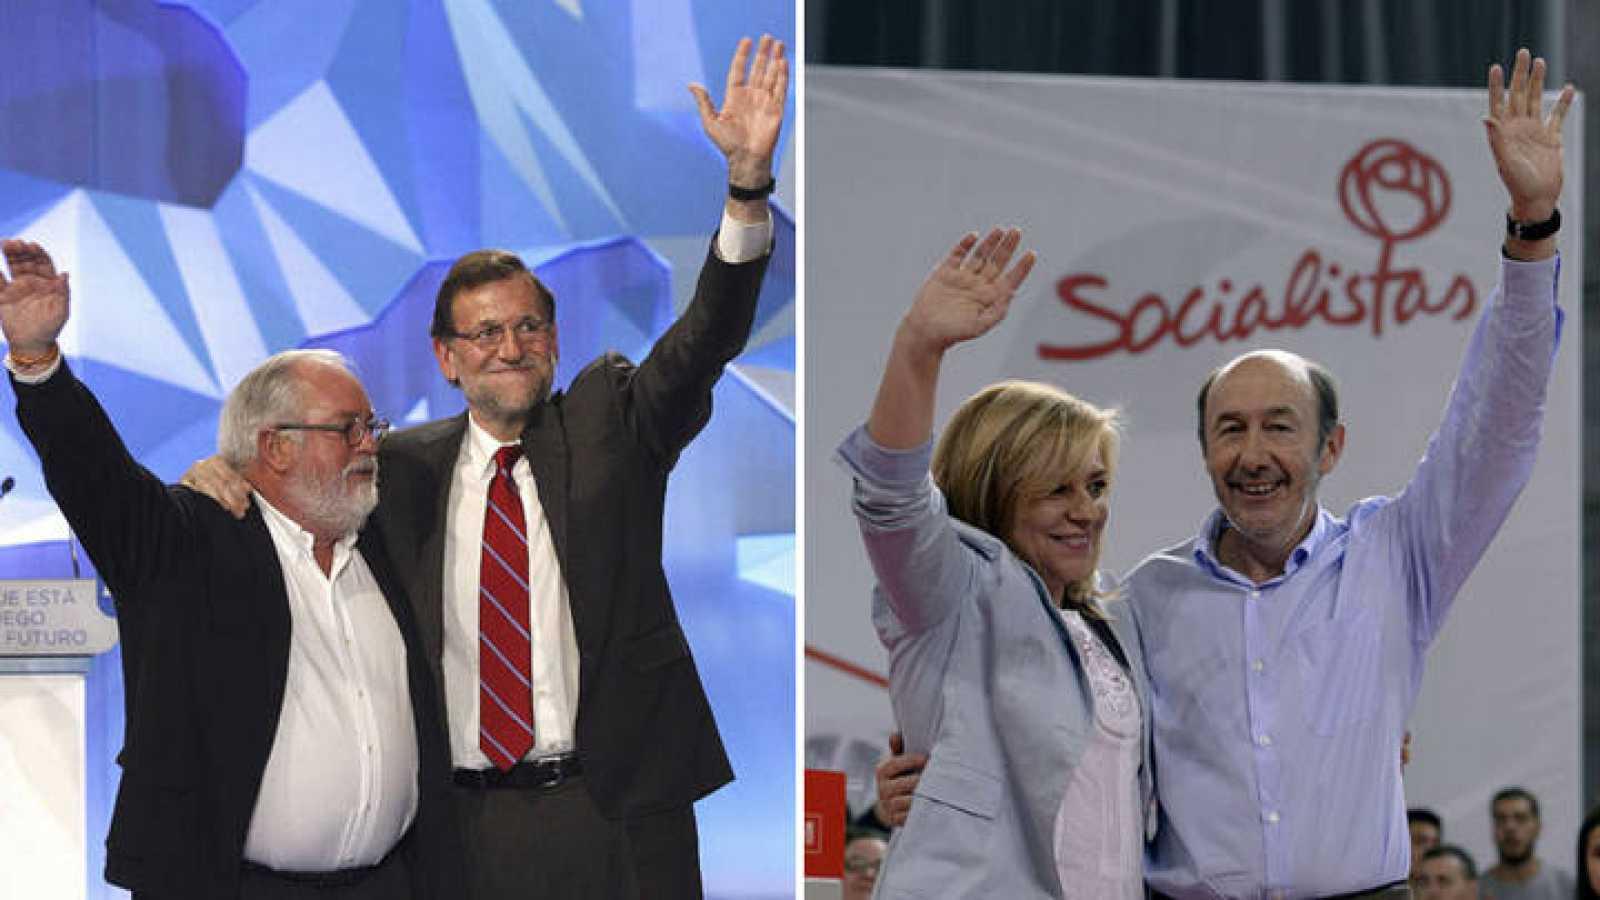 Cañete junto a Rajoy y Valenciano con Rubalcaba en el cierre de campaña